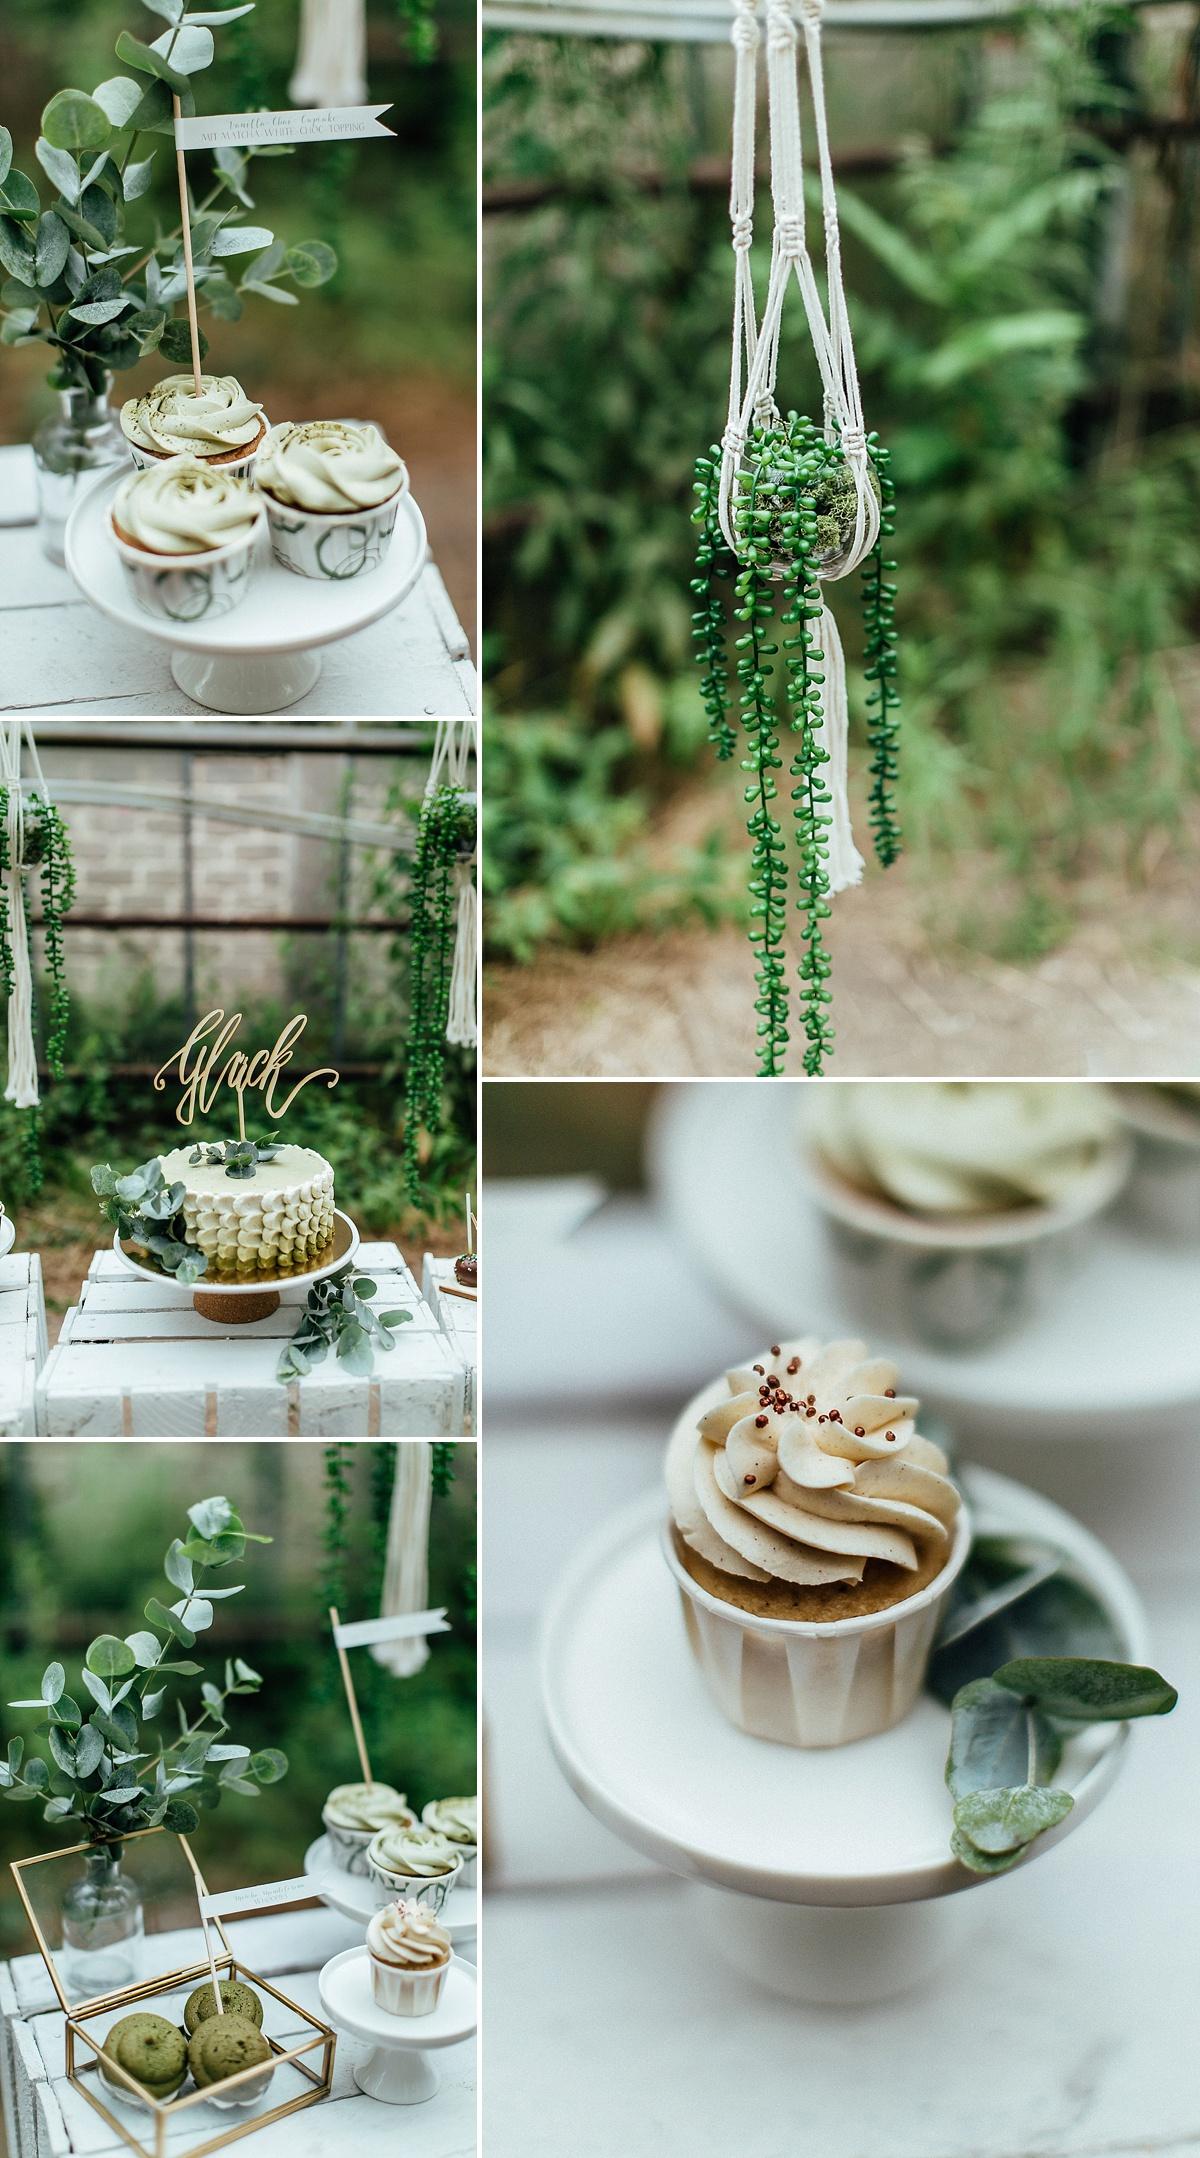 Hochzeit_gruen_Gewaechshaus_Matcha_0012